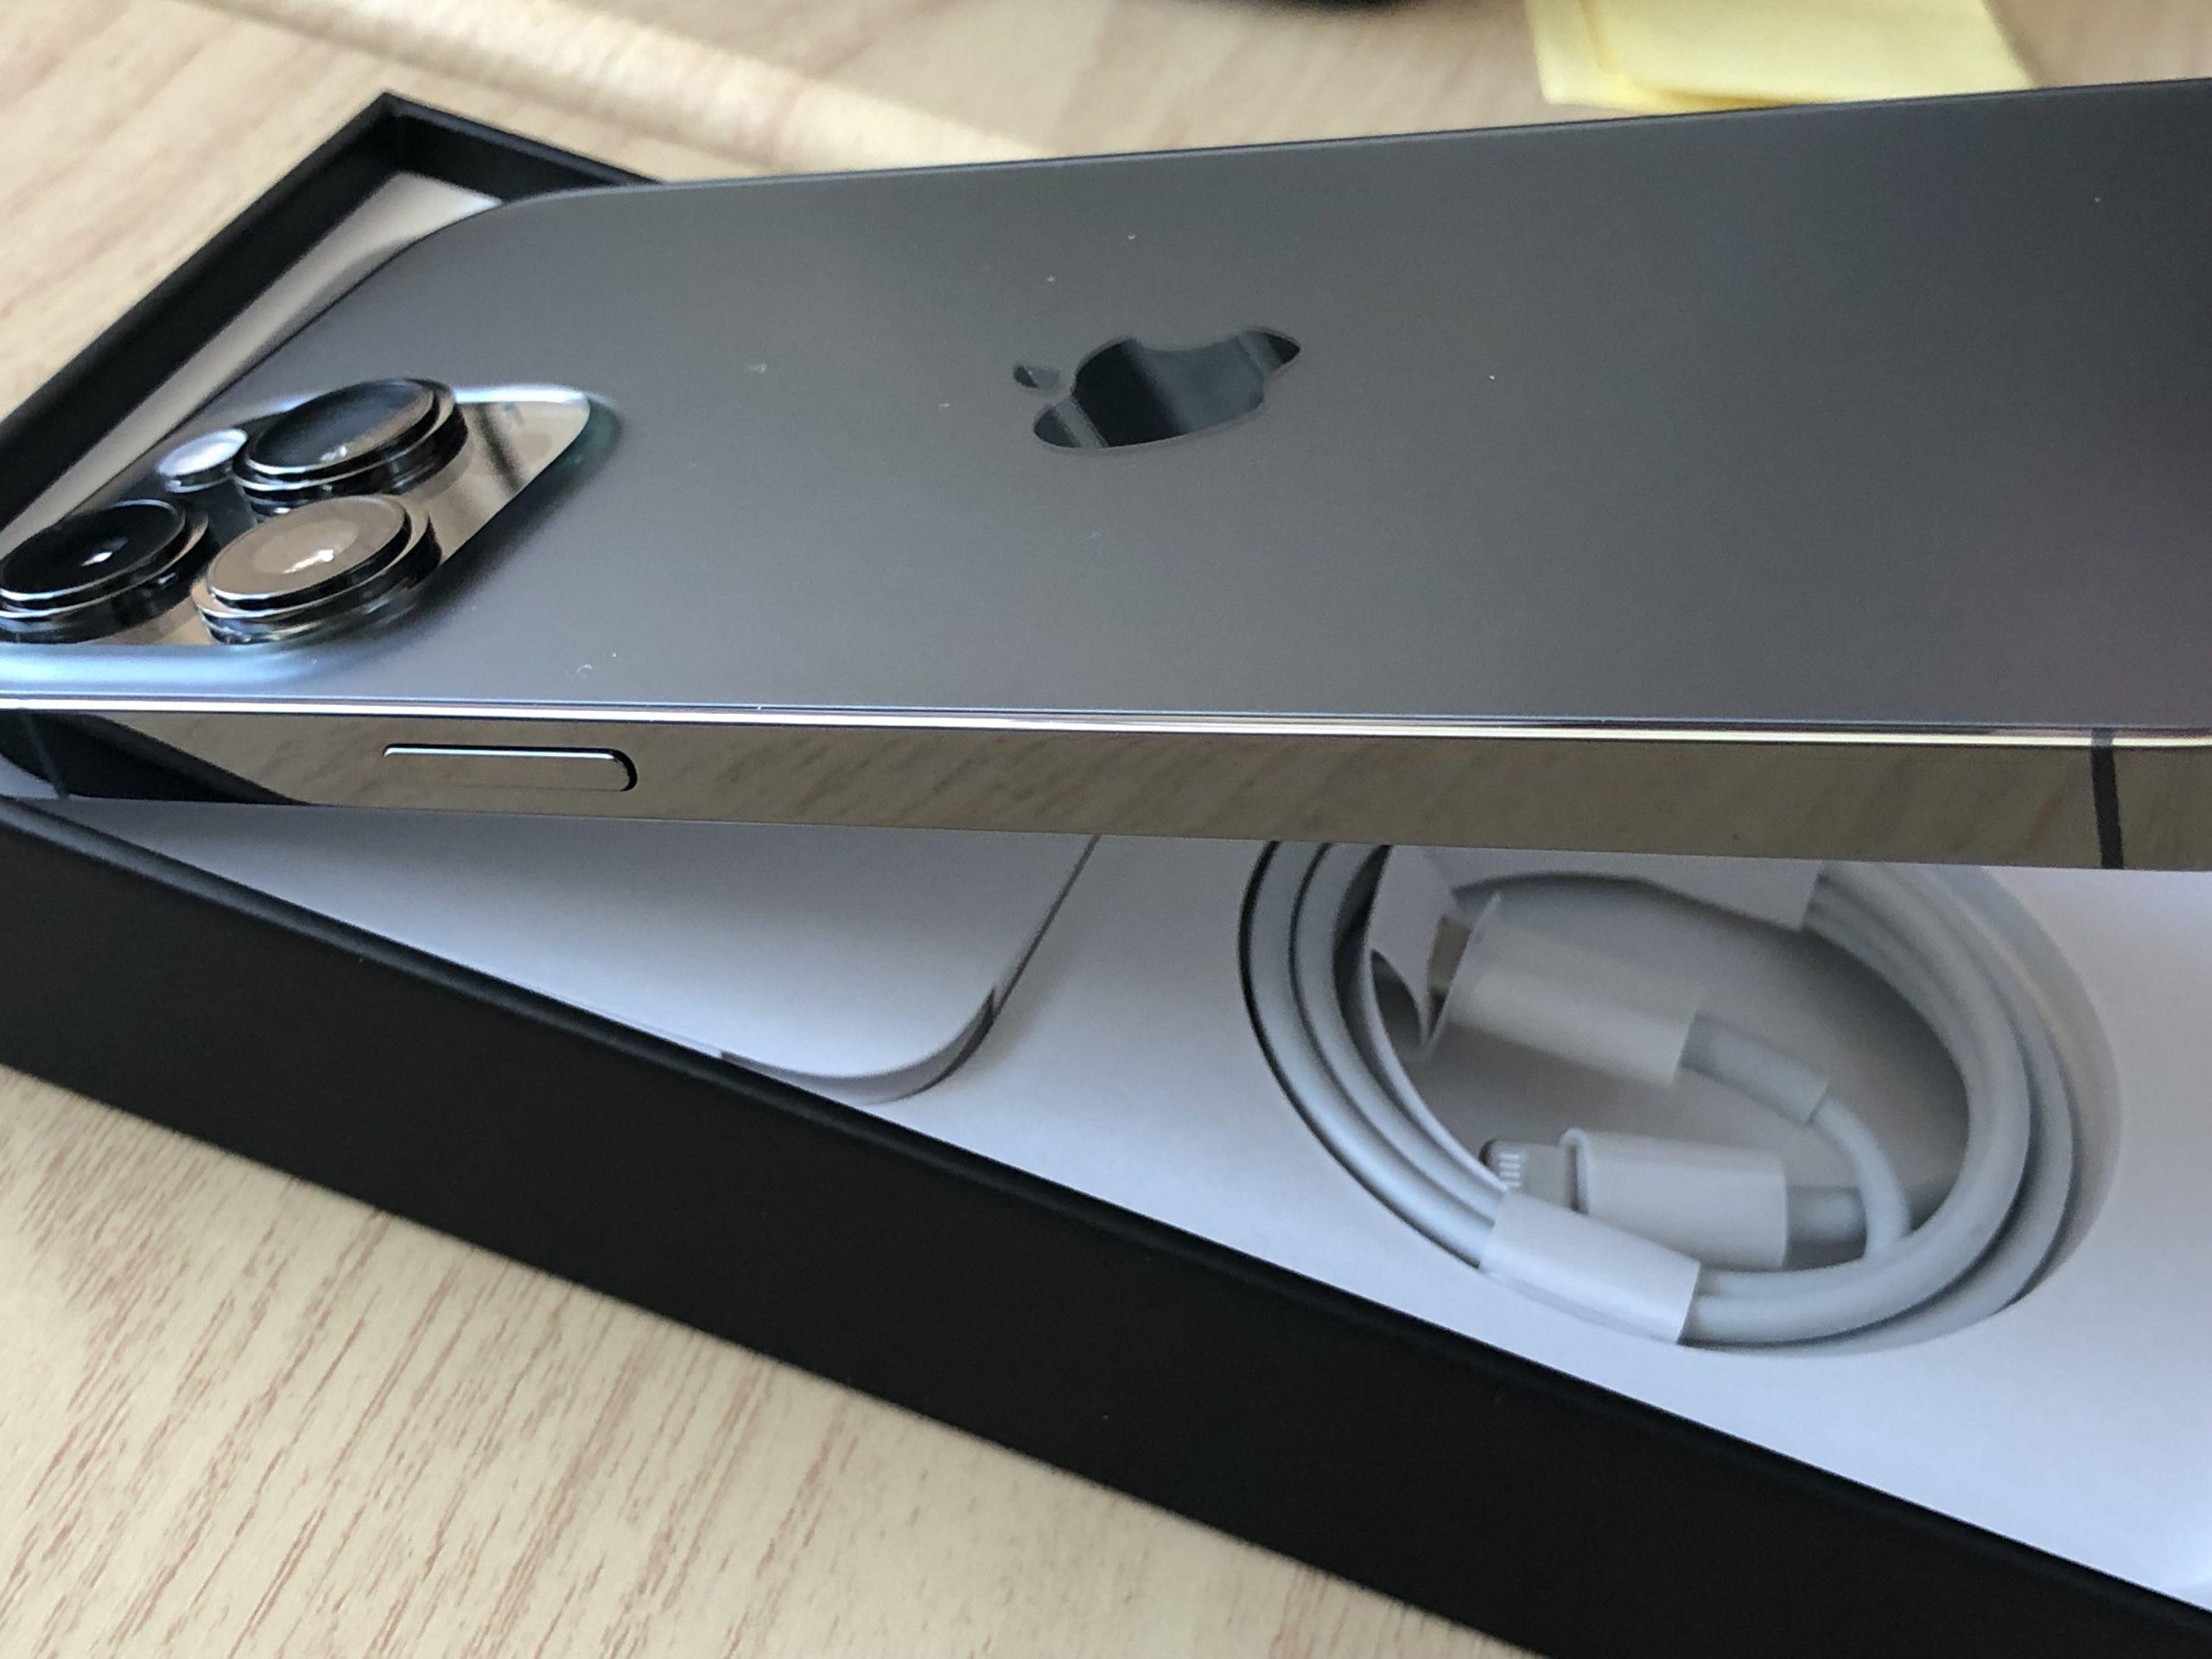 Caja del iPhone 13 Pro Max con el cable Lightning a USB-C